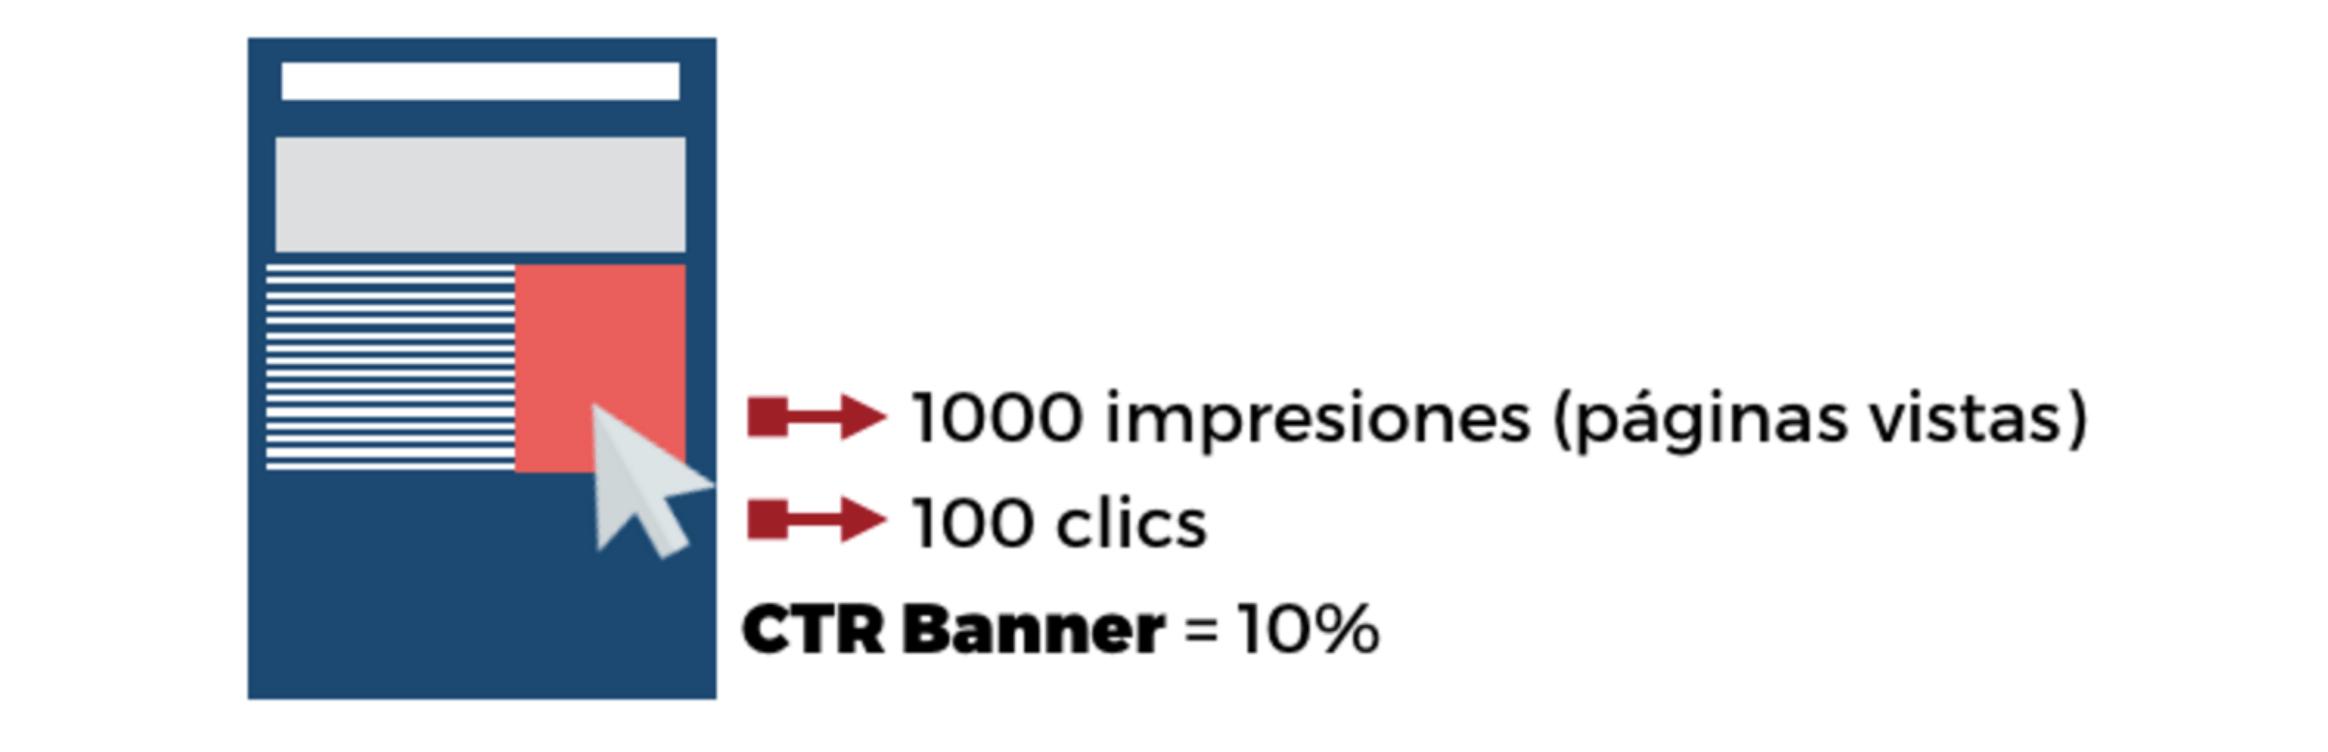 ejemplo-ctr-en-banners